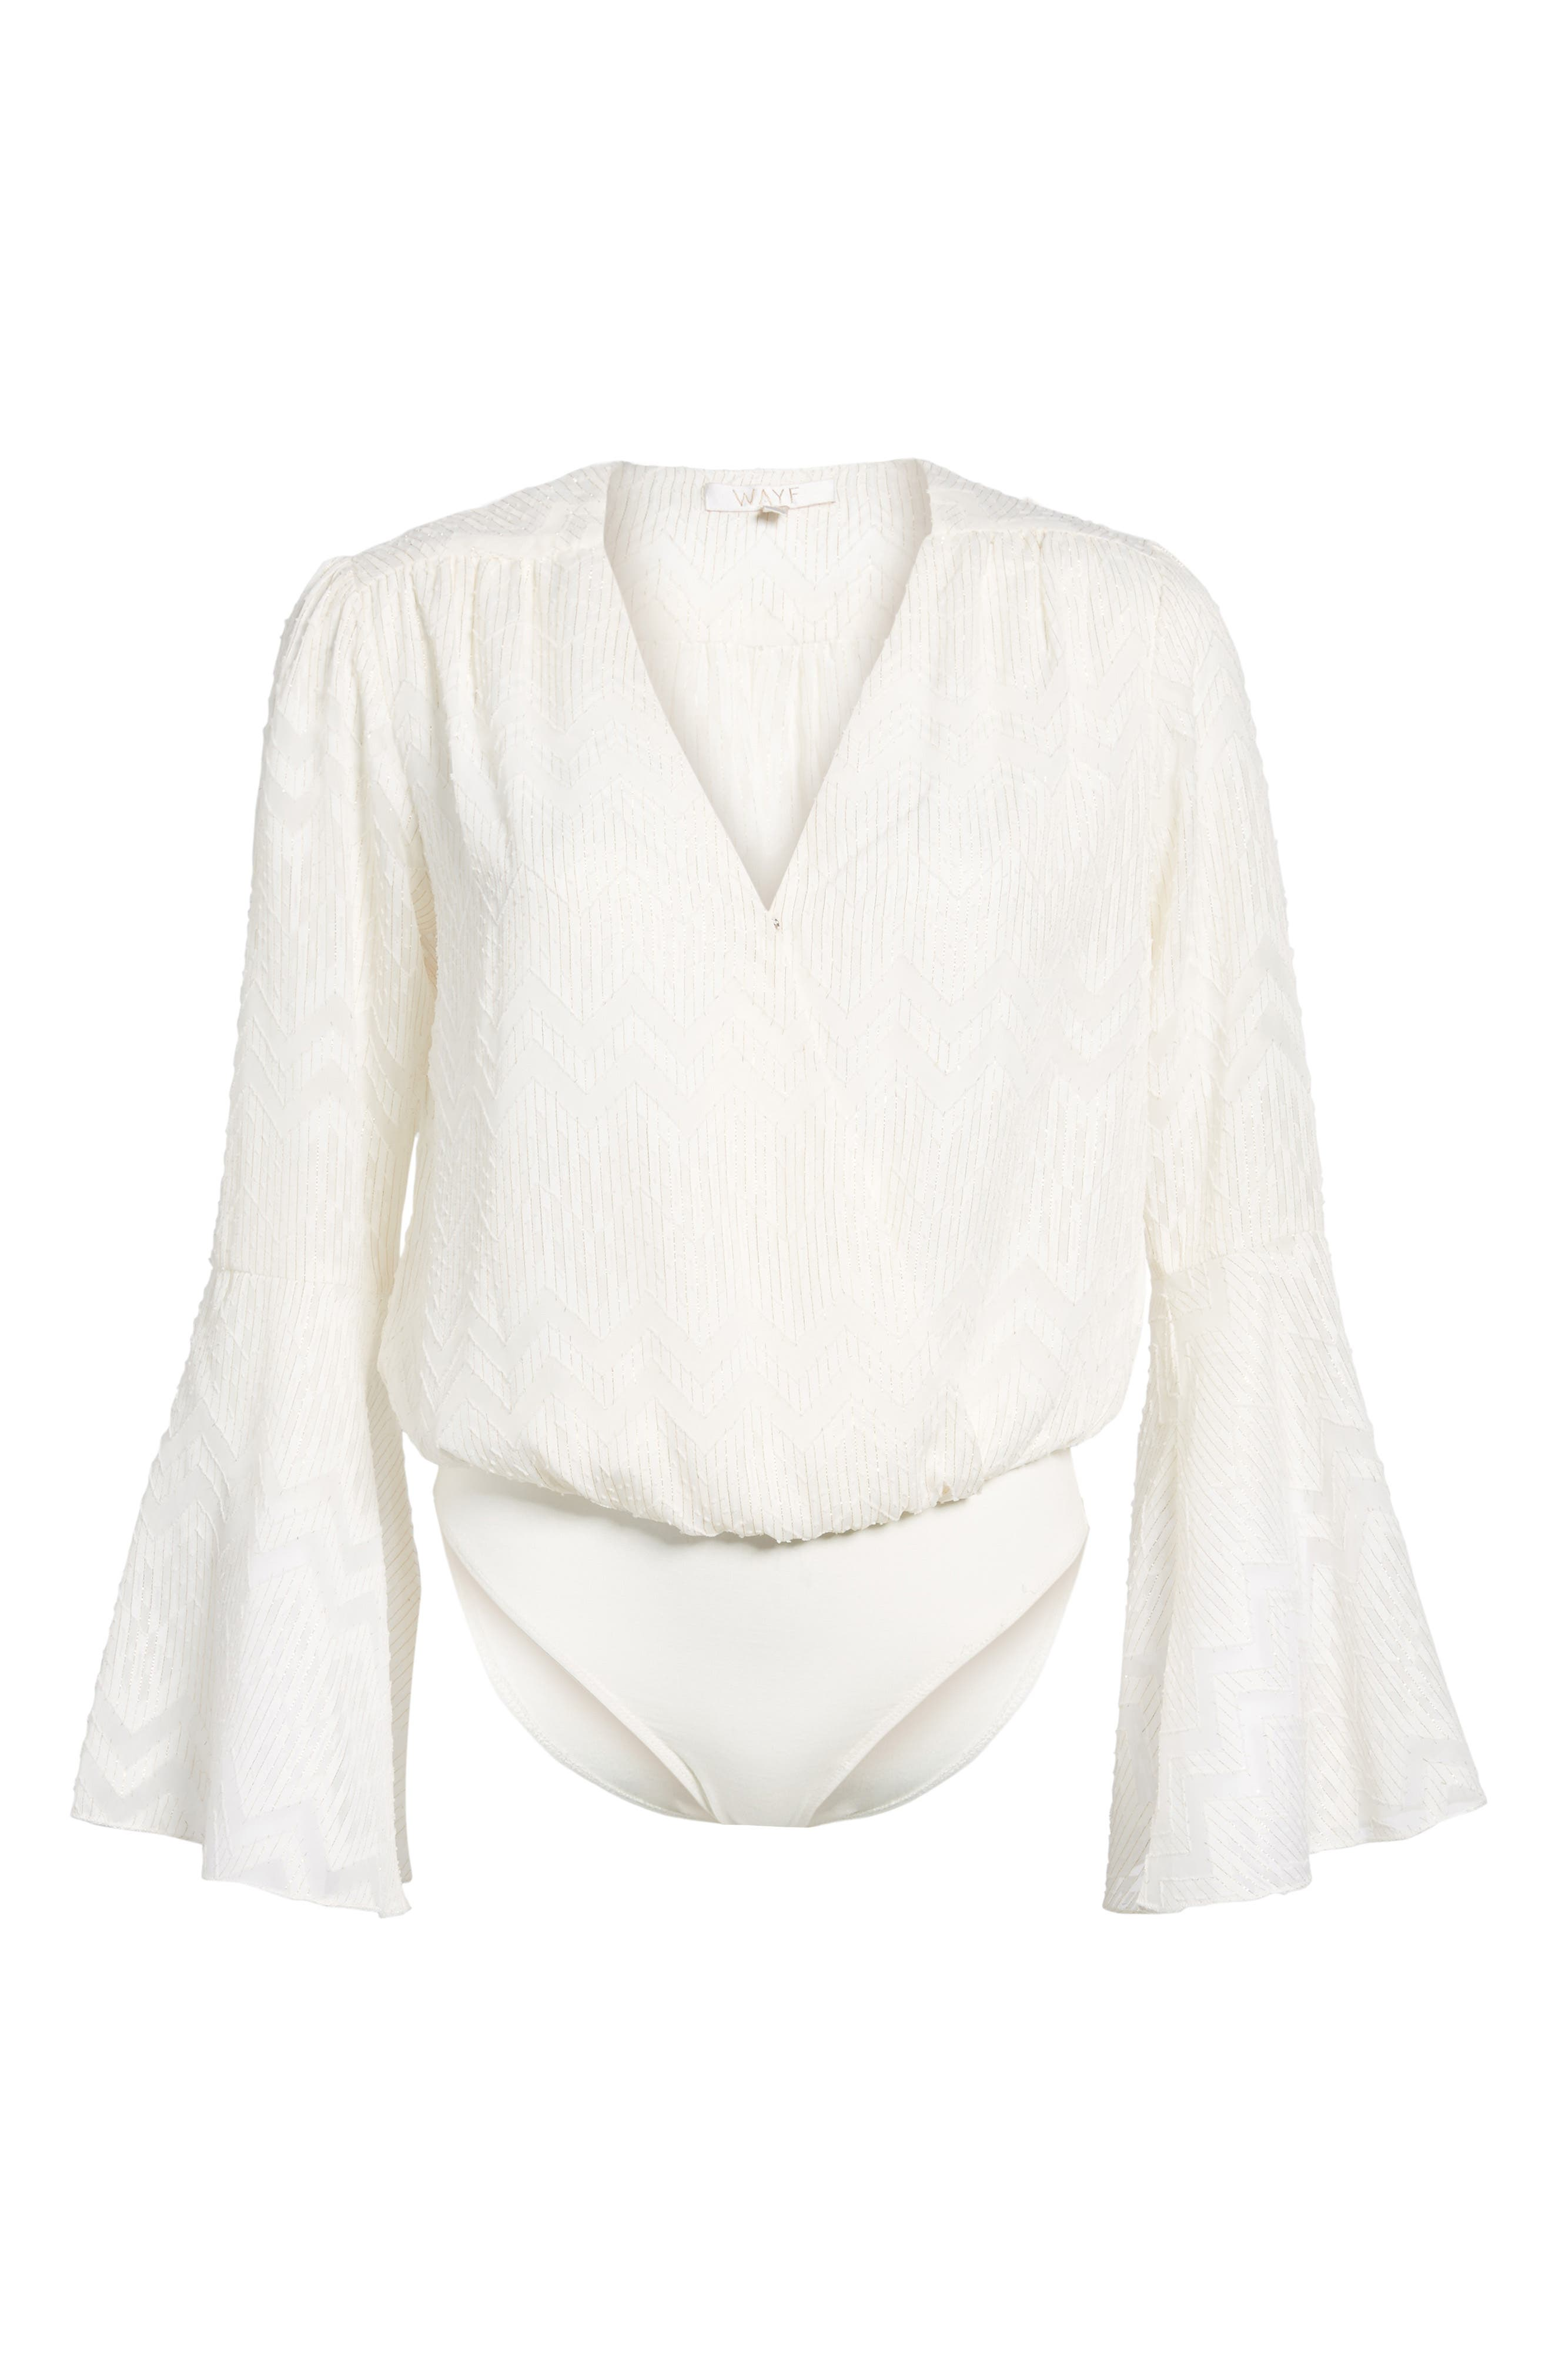 Christi Bell Sleeve Bodysuit,                             Alternate thumbnail 6, color,                             Ivory Clip